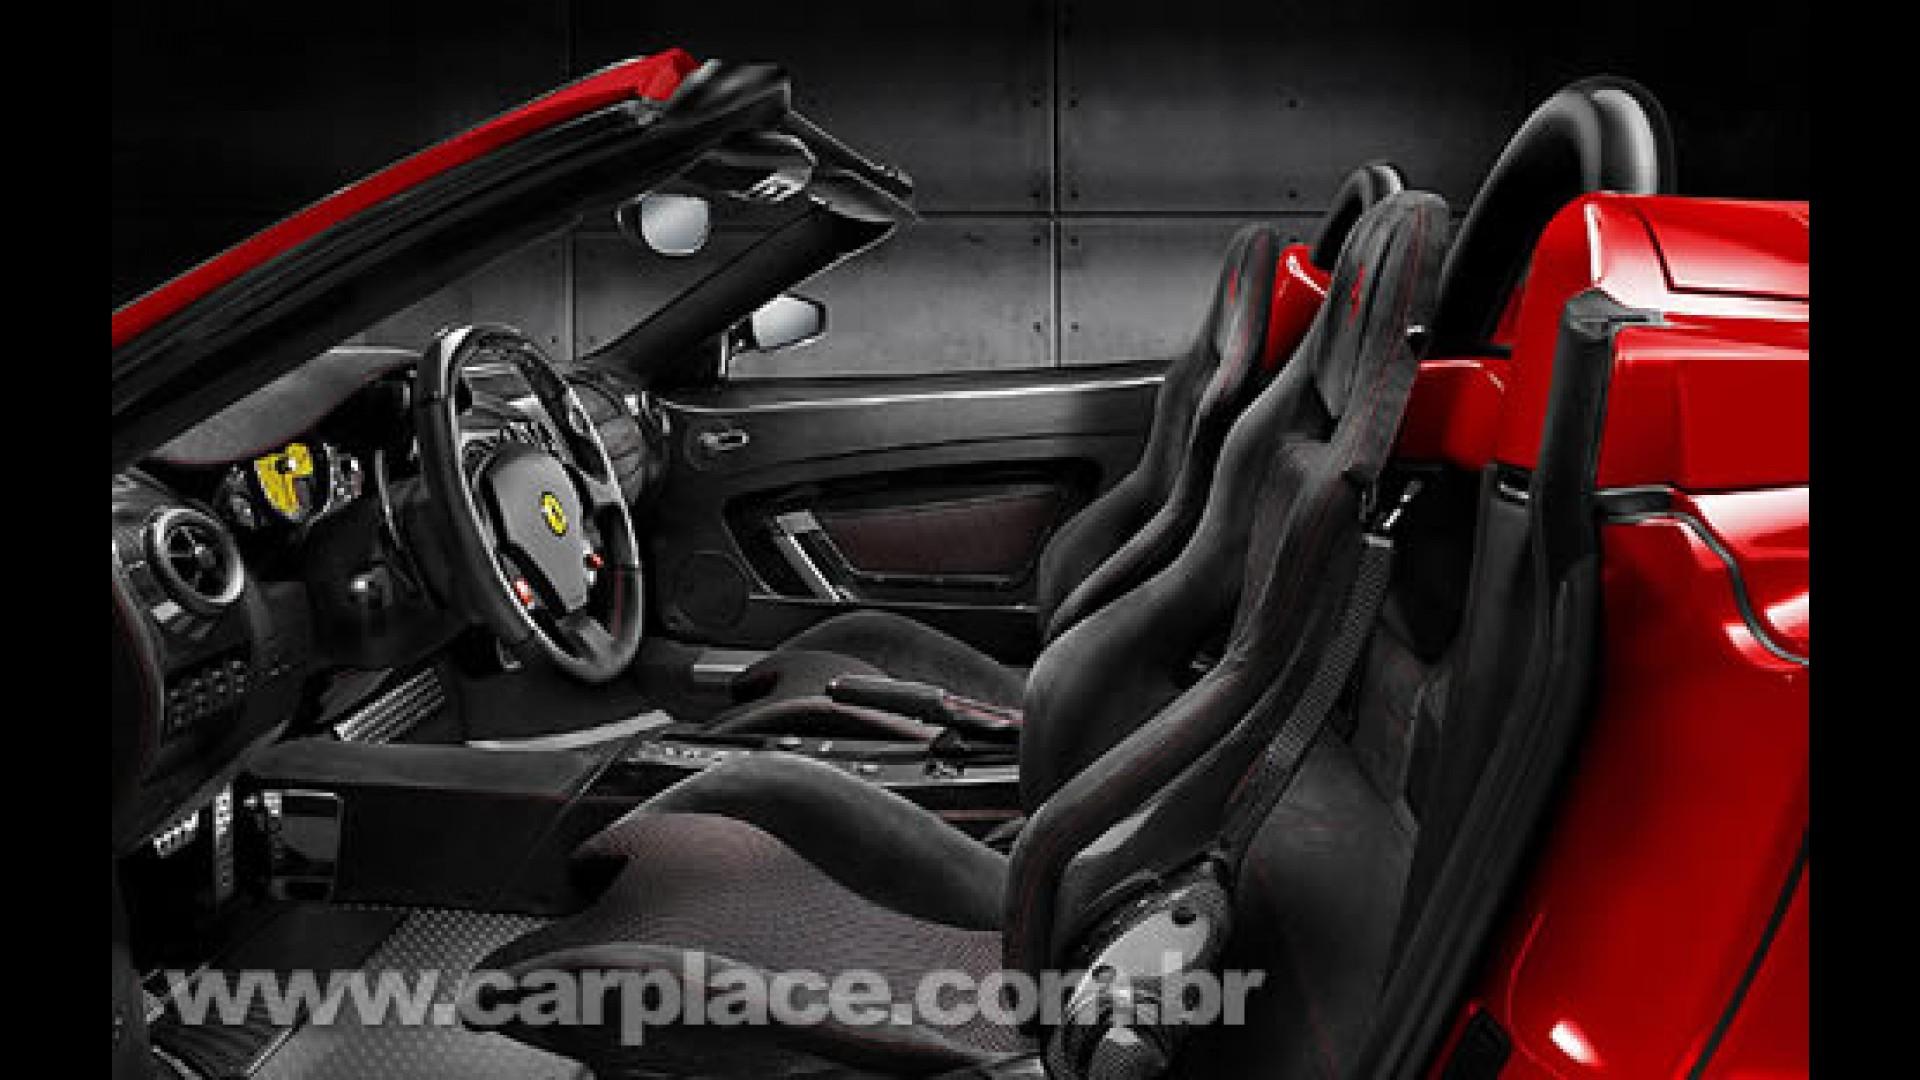 Ferrari Lanca F430 Scuderia Spider 16m Para Celebrar Titulo De Construtor Na F1